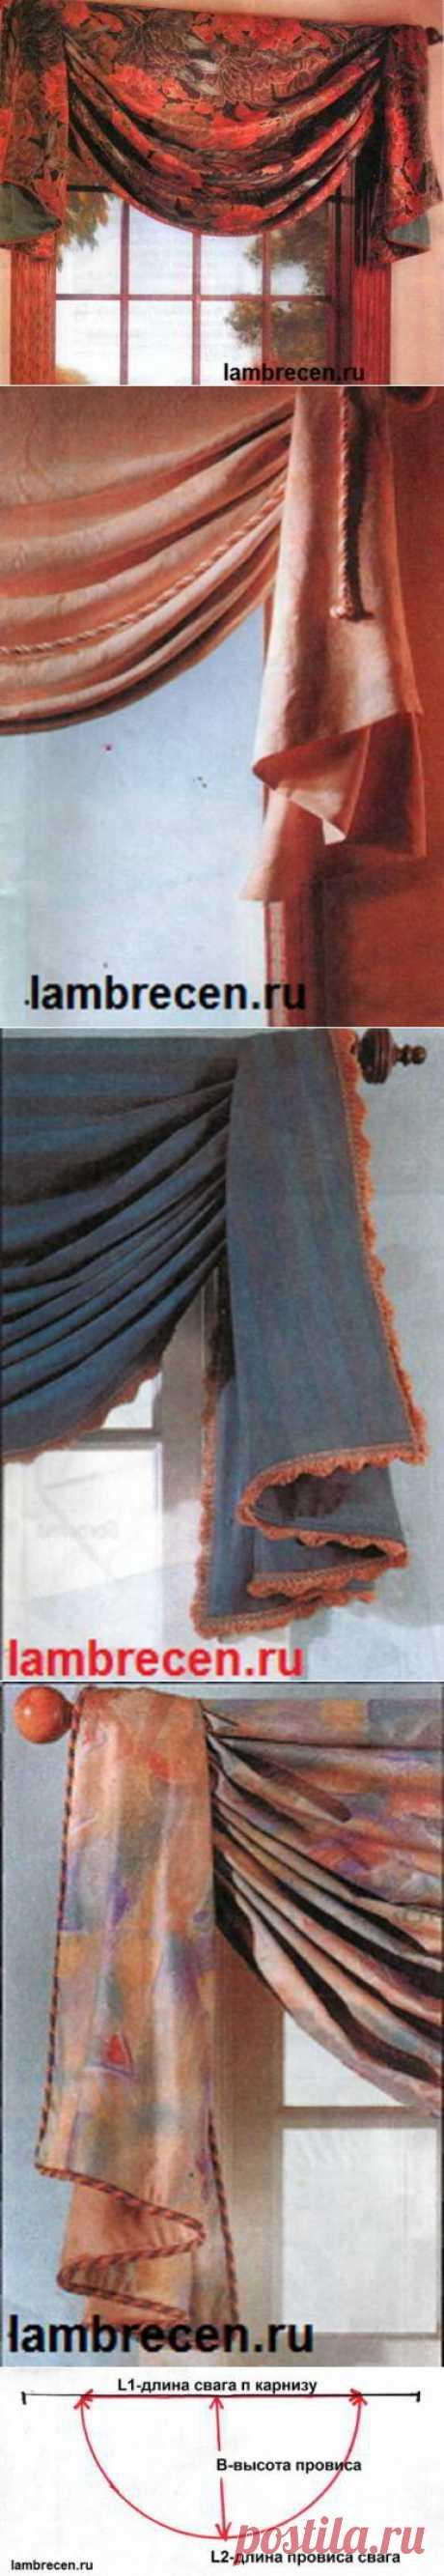 Ламбрекен из цельного куска ткани.     ШТОРЫ, ЛАМБРЕКЕНЫ, ДОМАШНИЙ ТЕКСТИЛЬ  СВОИМИ РУКАМИ